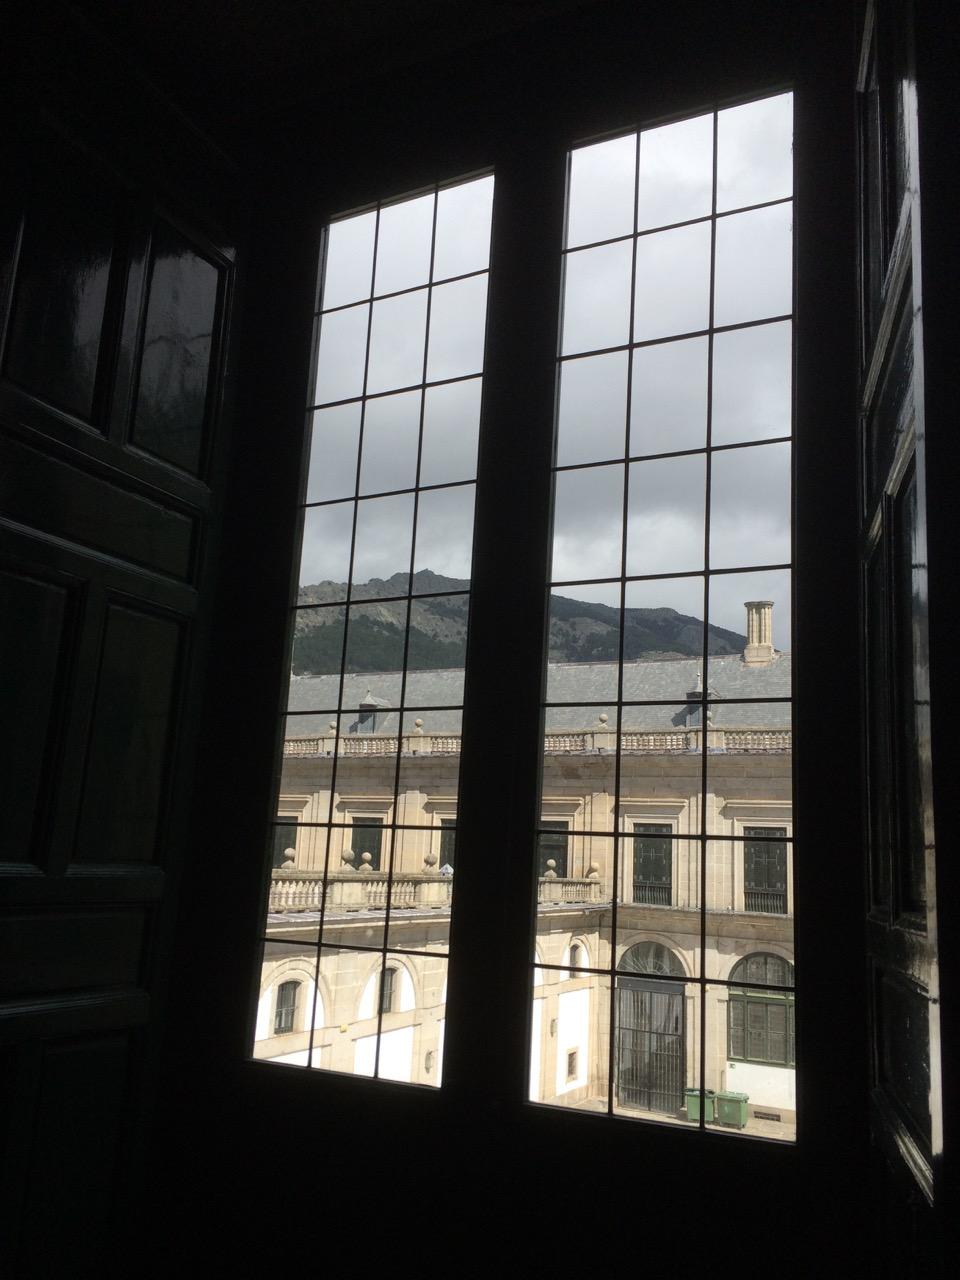 Windows of El Escorial